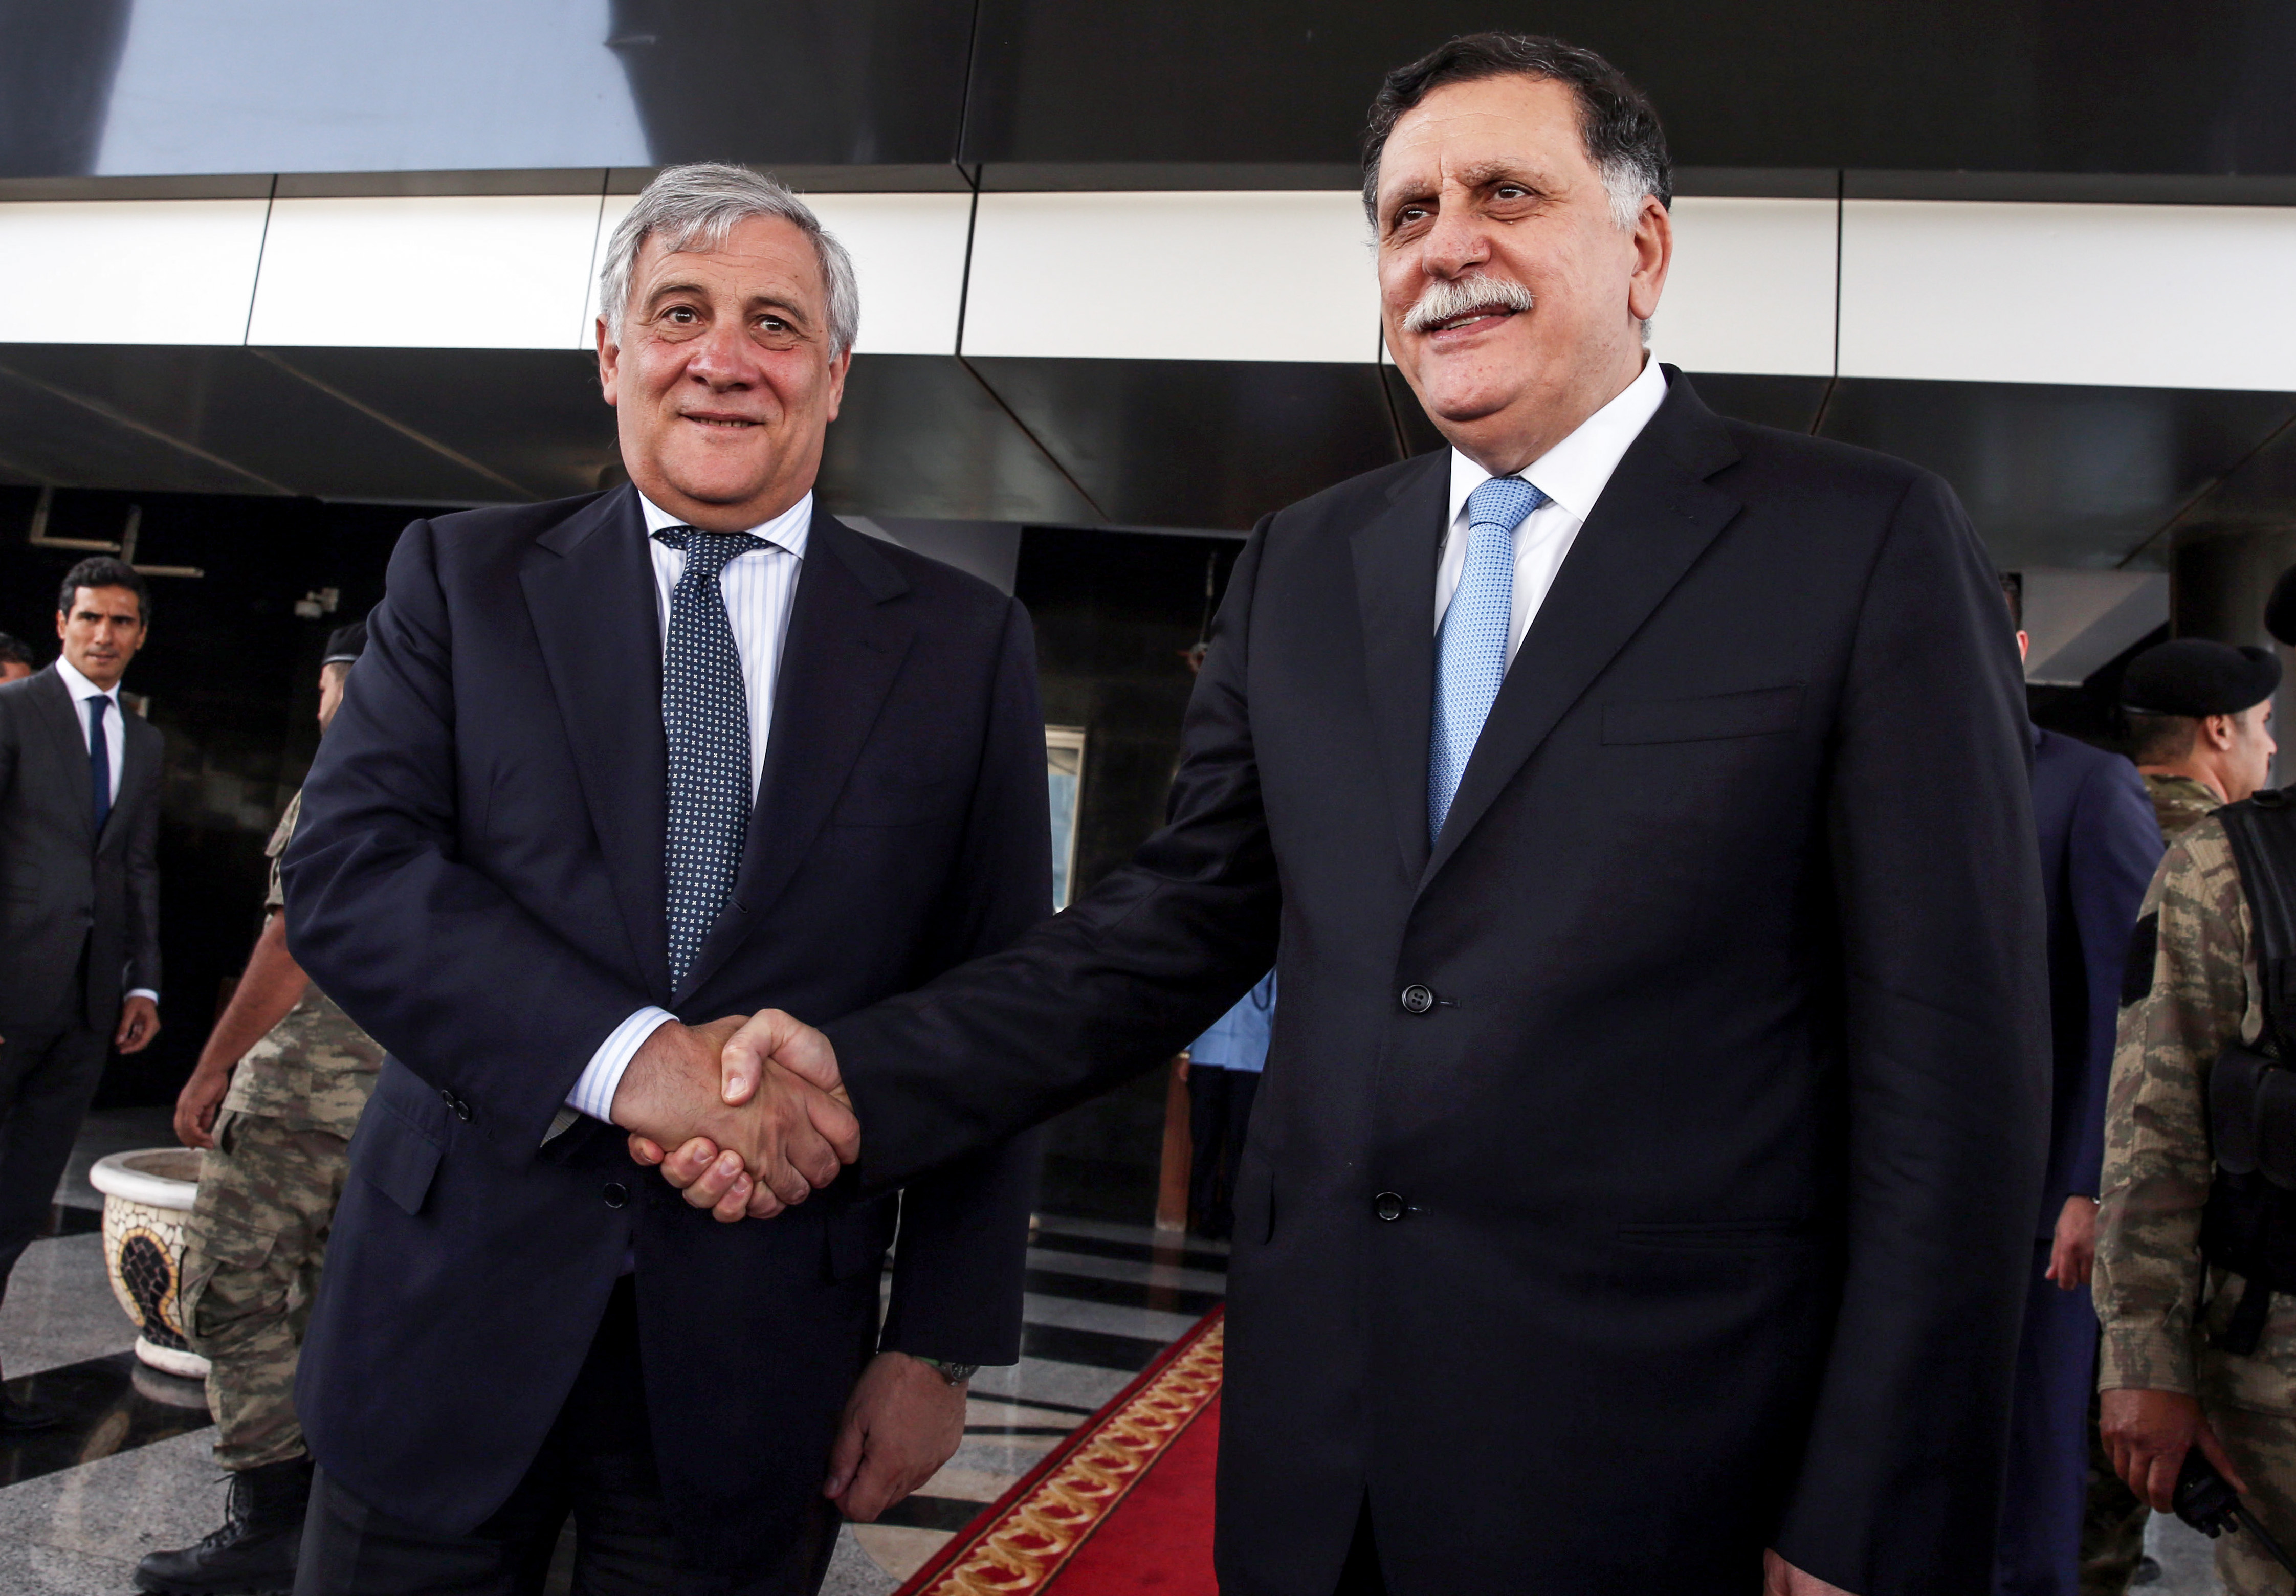 A Visegrádi 4-ek Olaszország legádázabb ellenségei az Európai Parlament olasz elnöke szerint